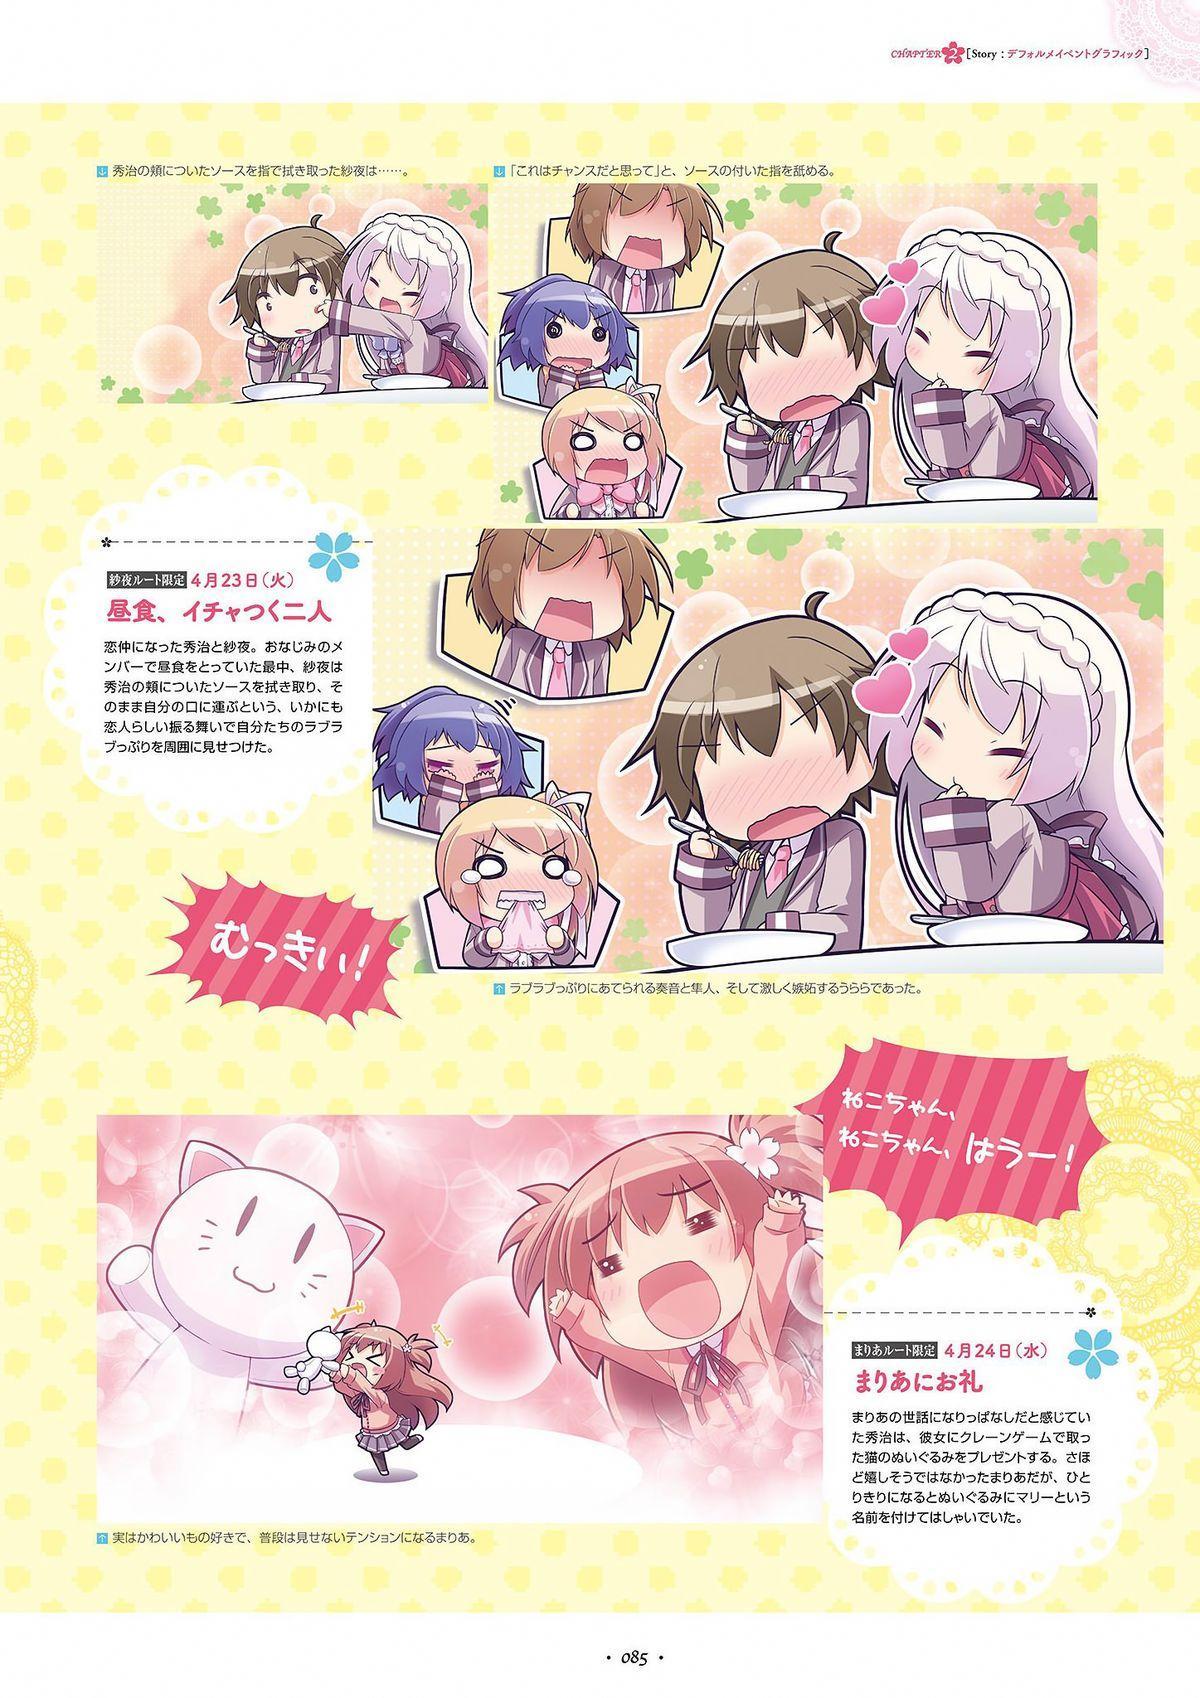 Shukufuku no Kane no Oto wa, Sakura-iro no Kaze to Tomo ni Visual Fanbook 86